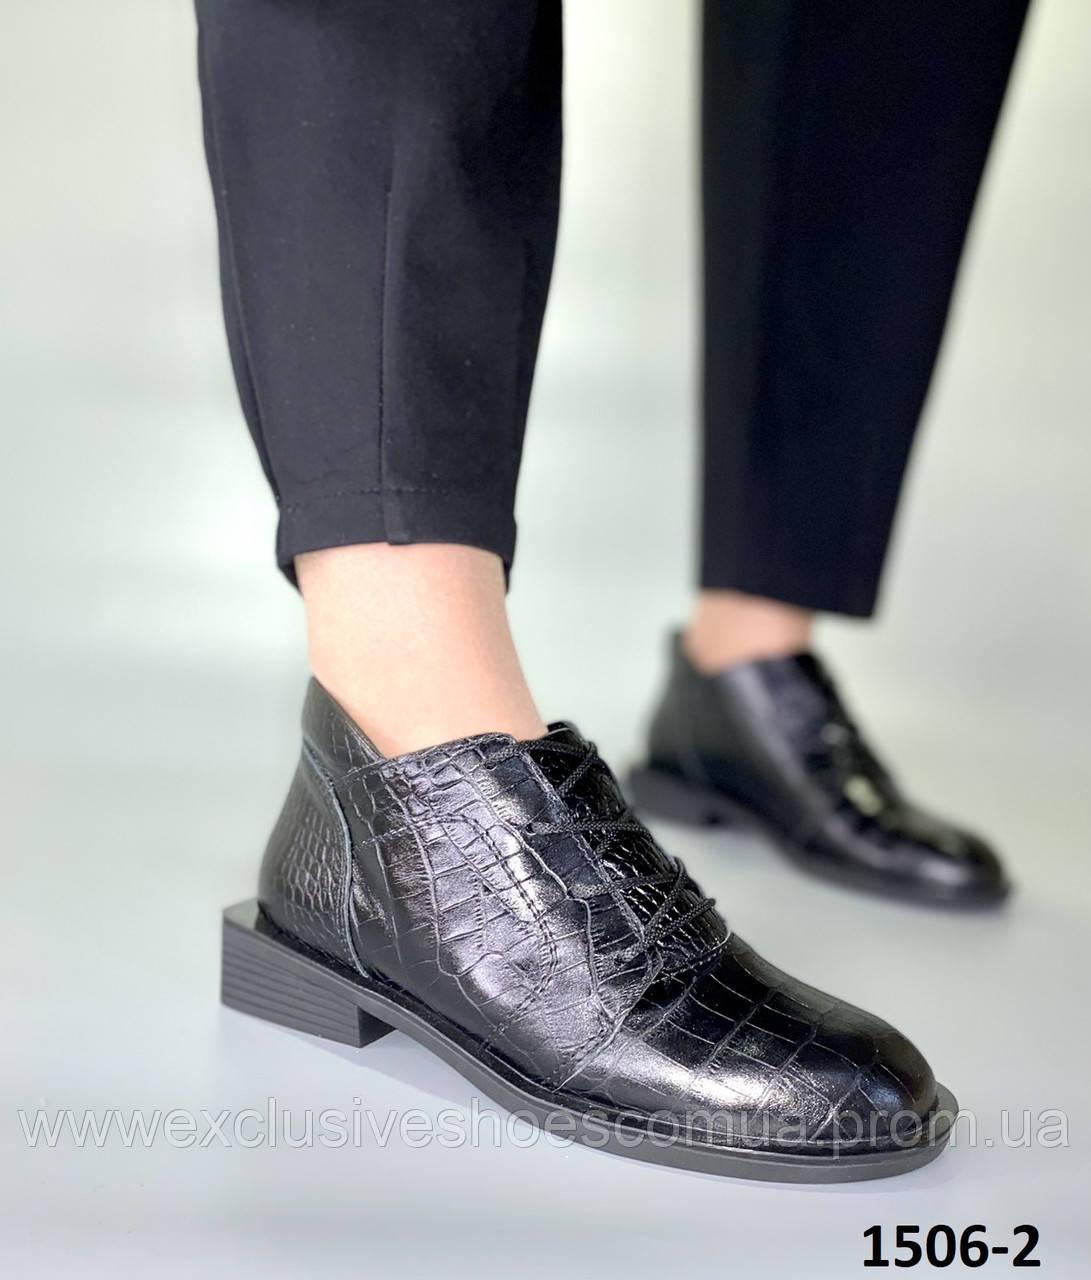 Ботинки женские демисезонные кожаные черные классические на шнуровке